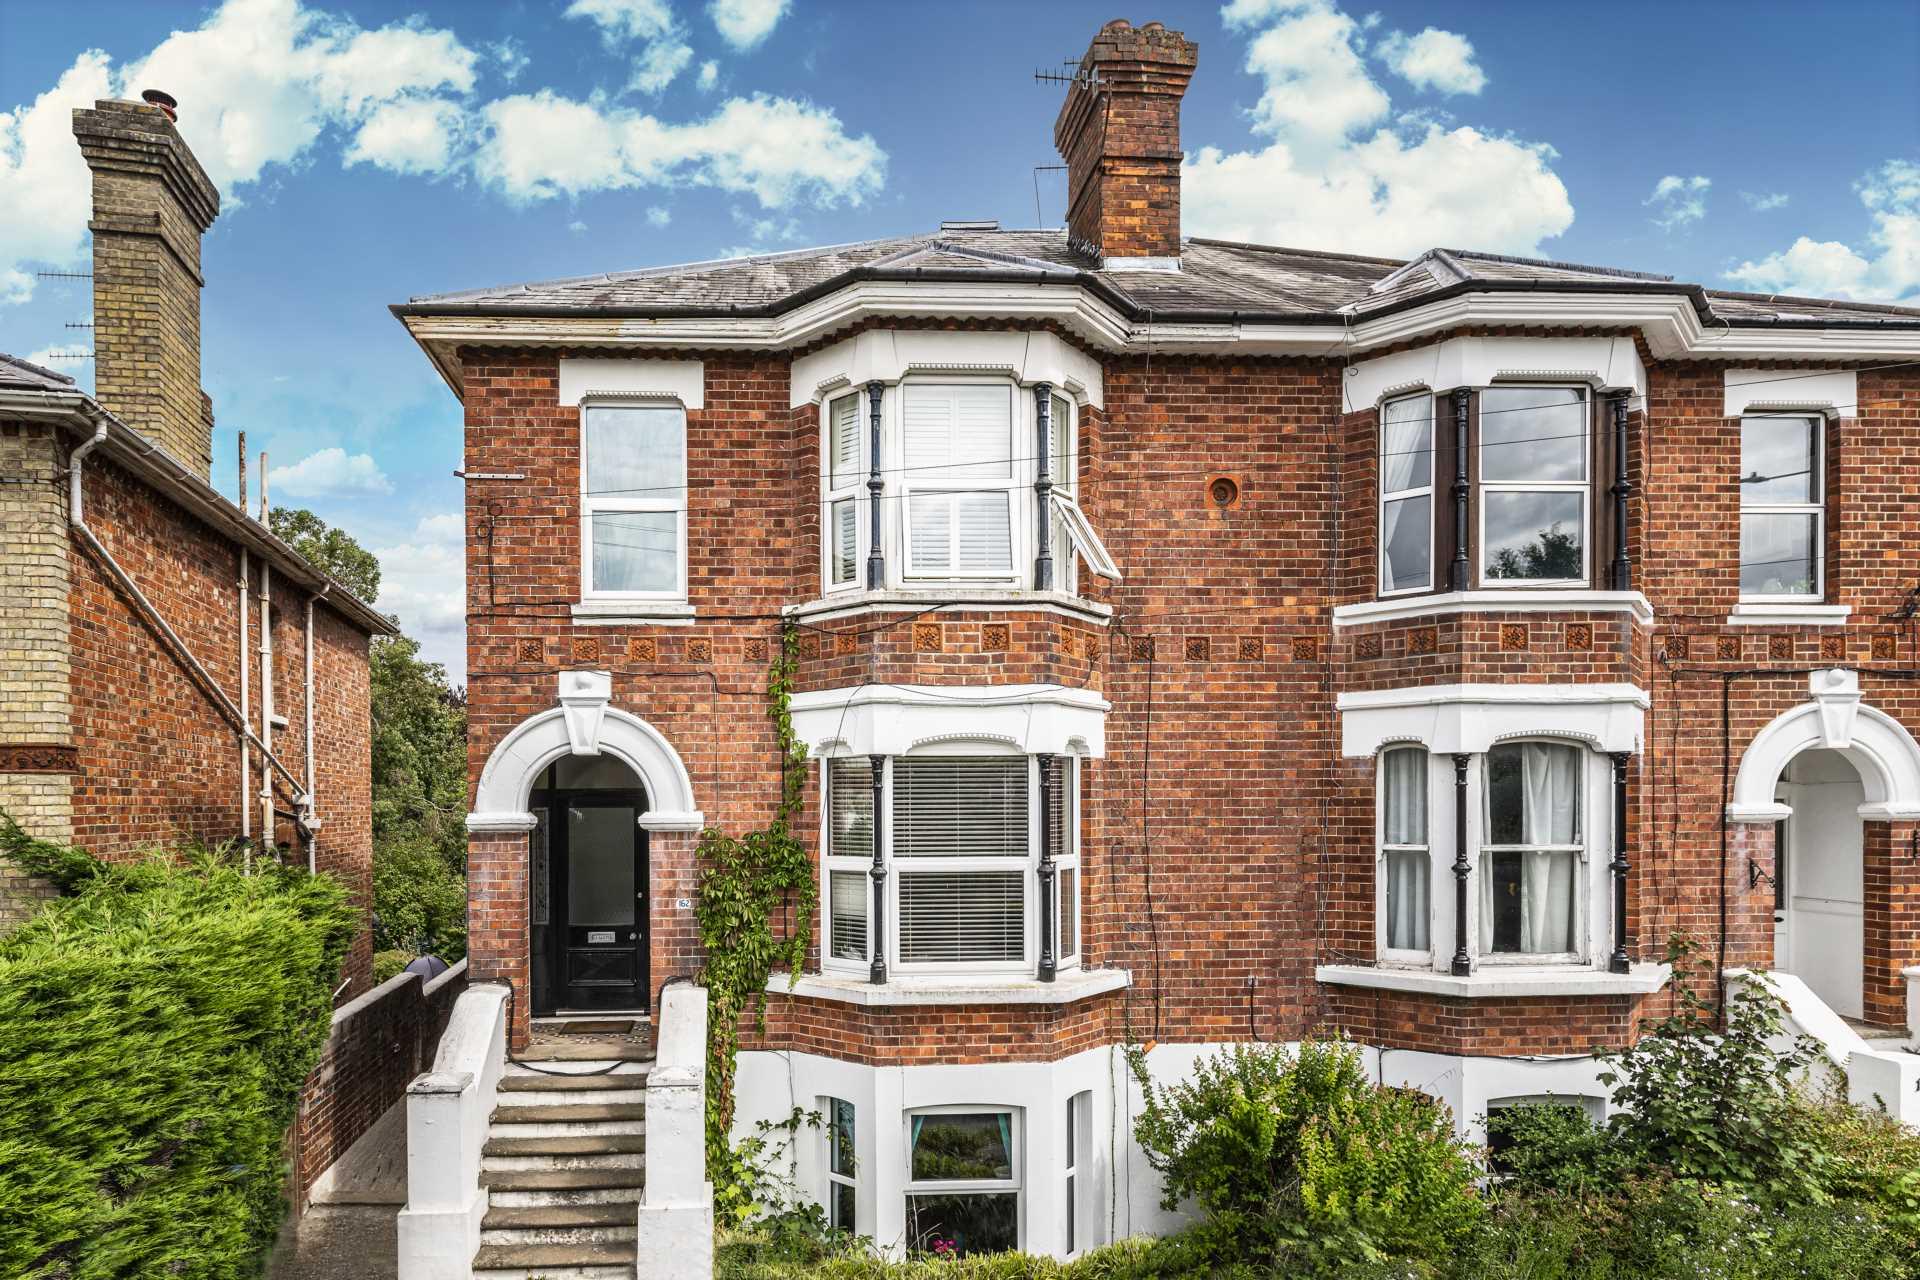 Upper Grosvenor Road, Tunbridge Wells, Image 10